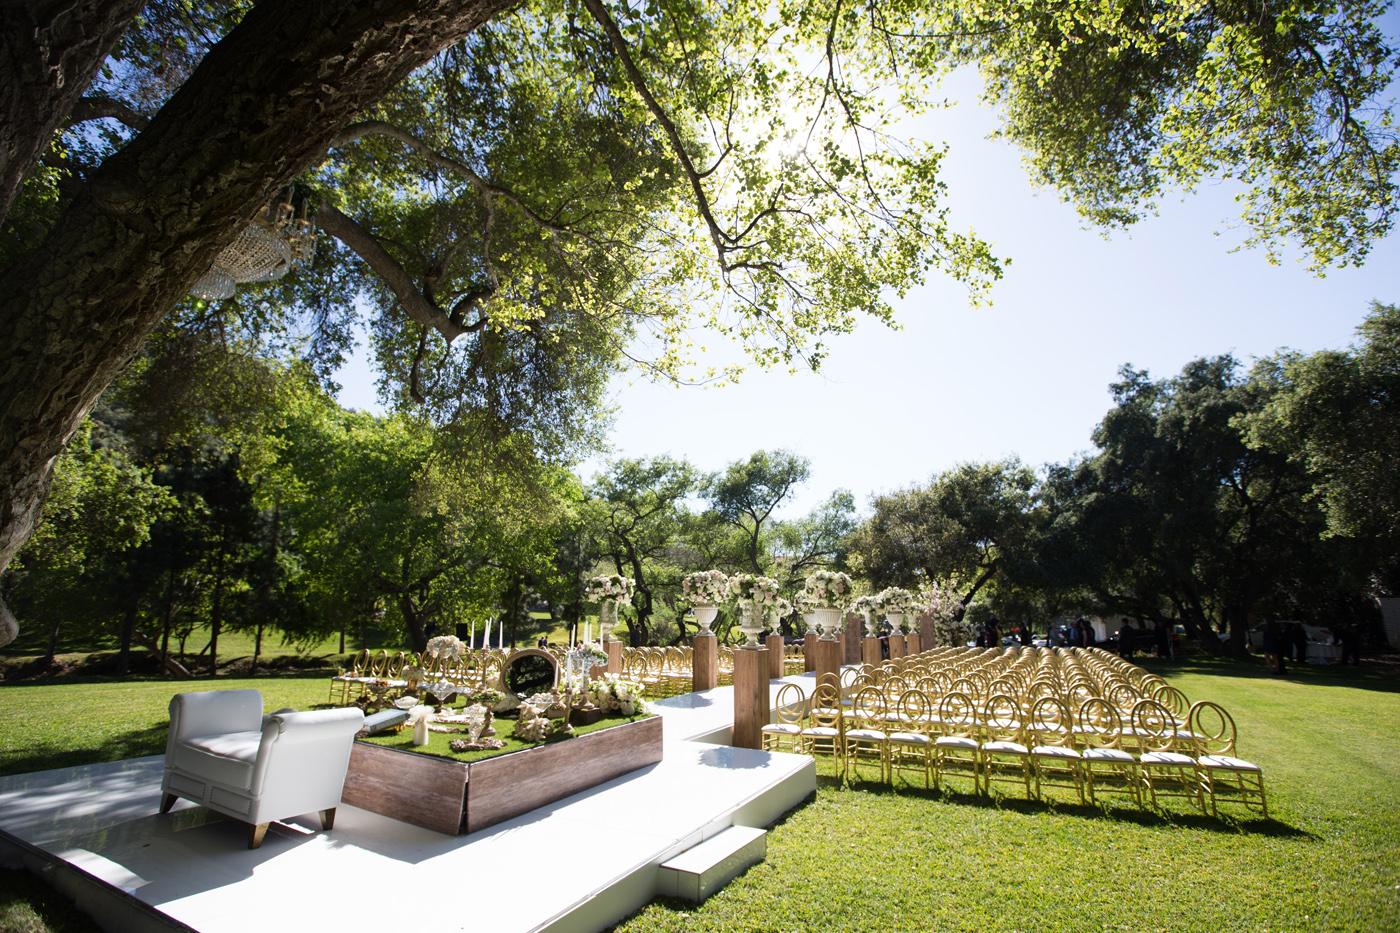 104_DukePhotography_DukeImages_Wedding_Details.jpg